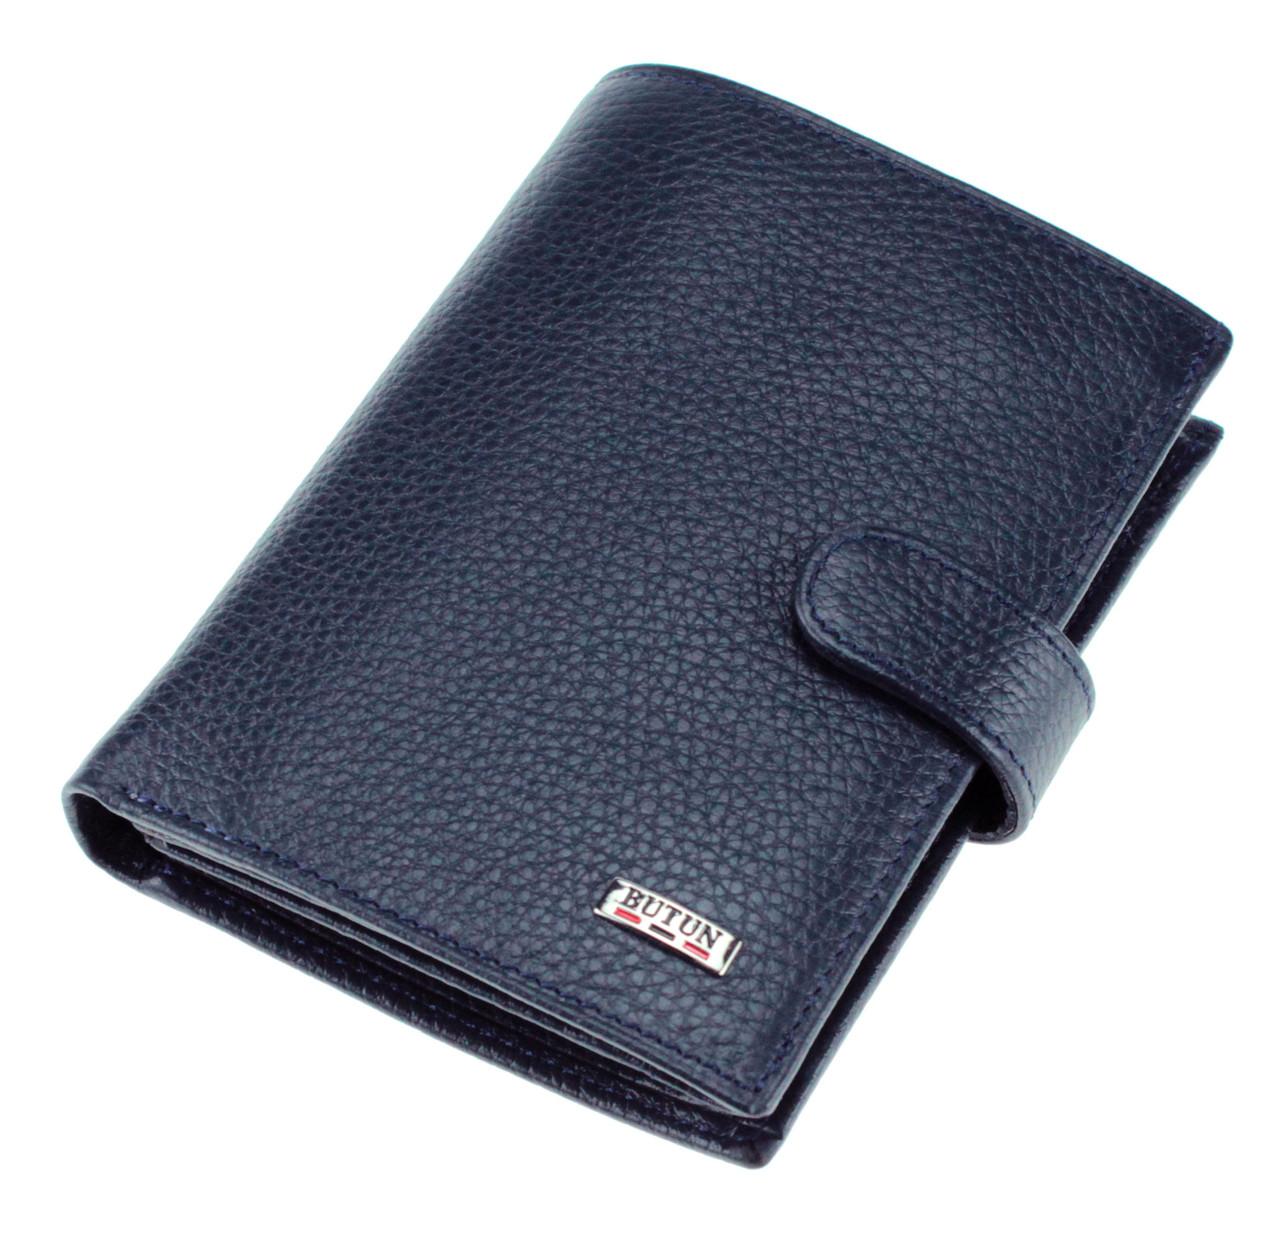 Мужской кошелек BUTUN 186-004-034 кожаный синий